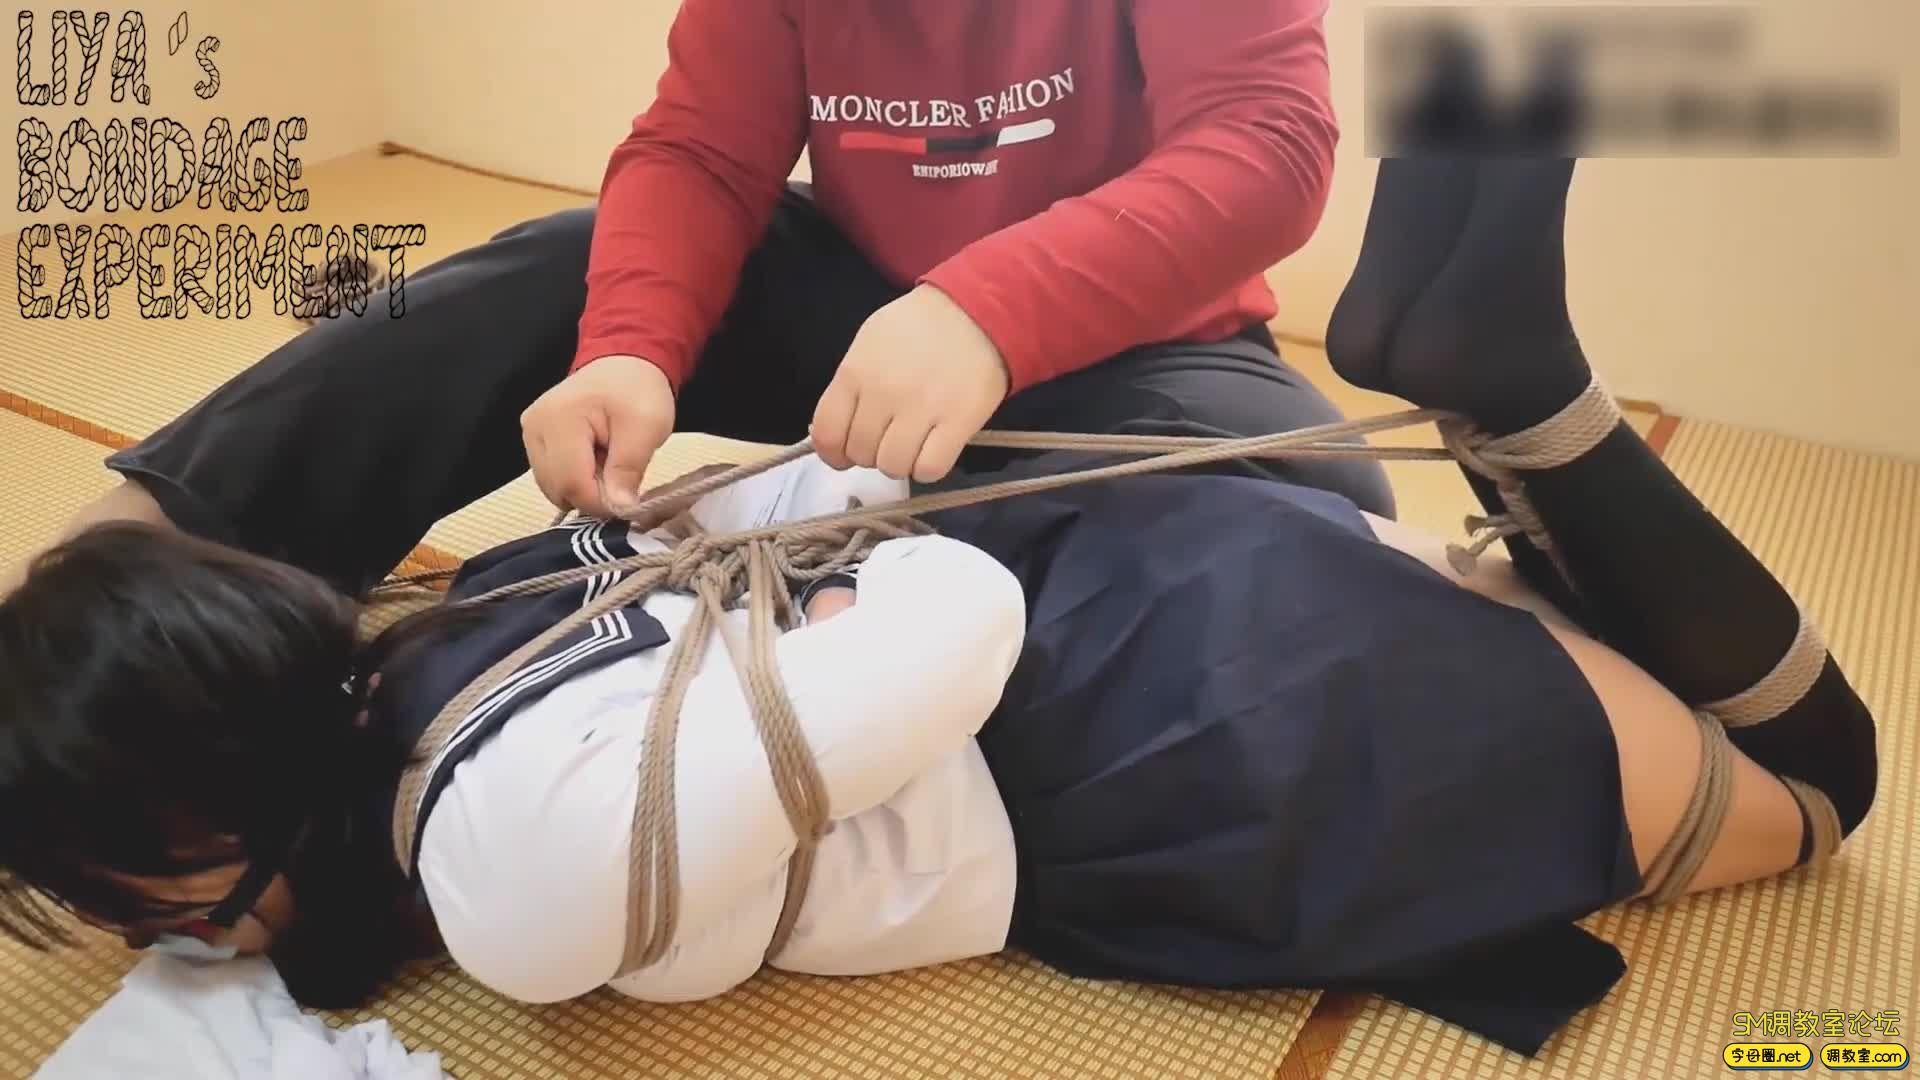 莉雅的定拍之作 JK绑架案 学生服捆绑-视频截图5